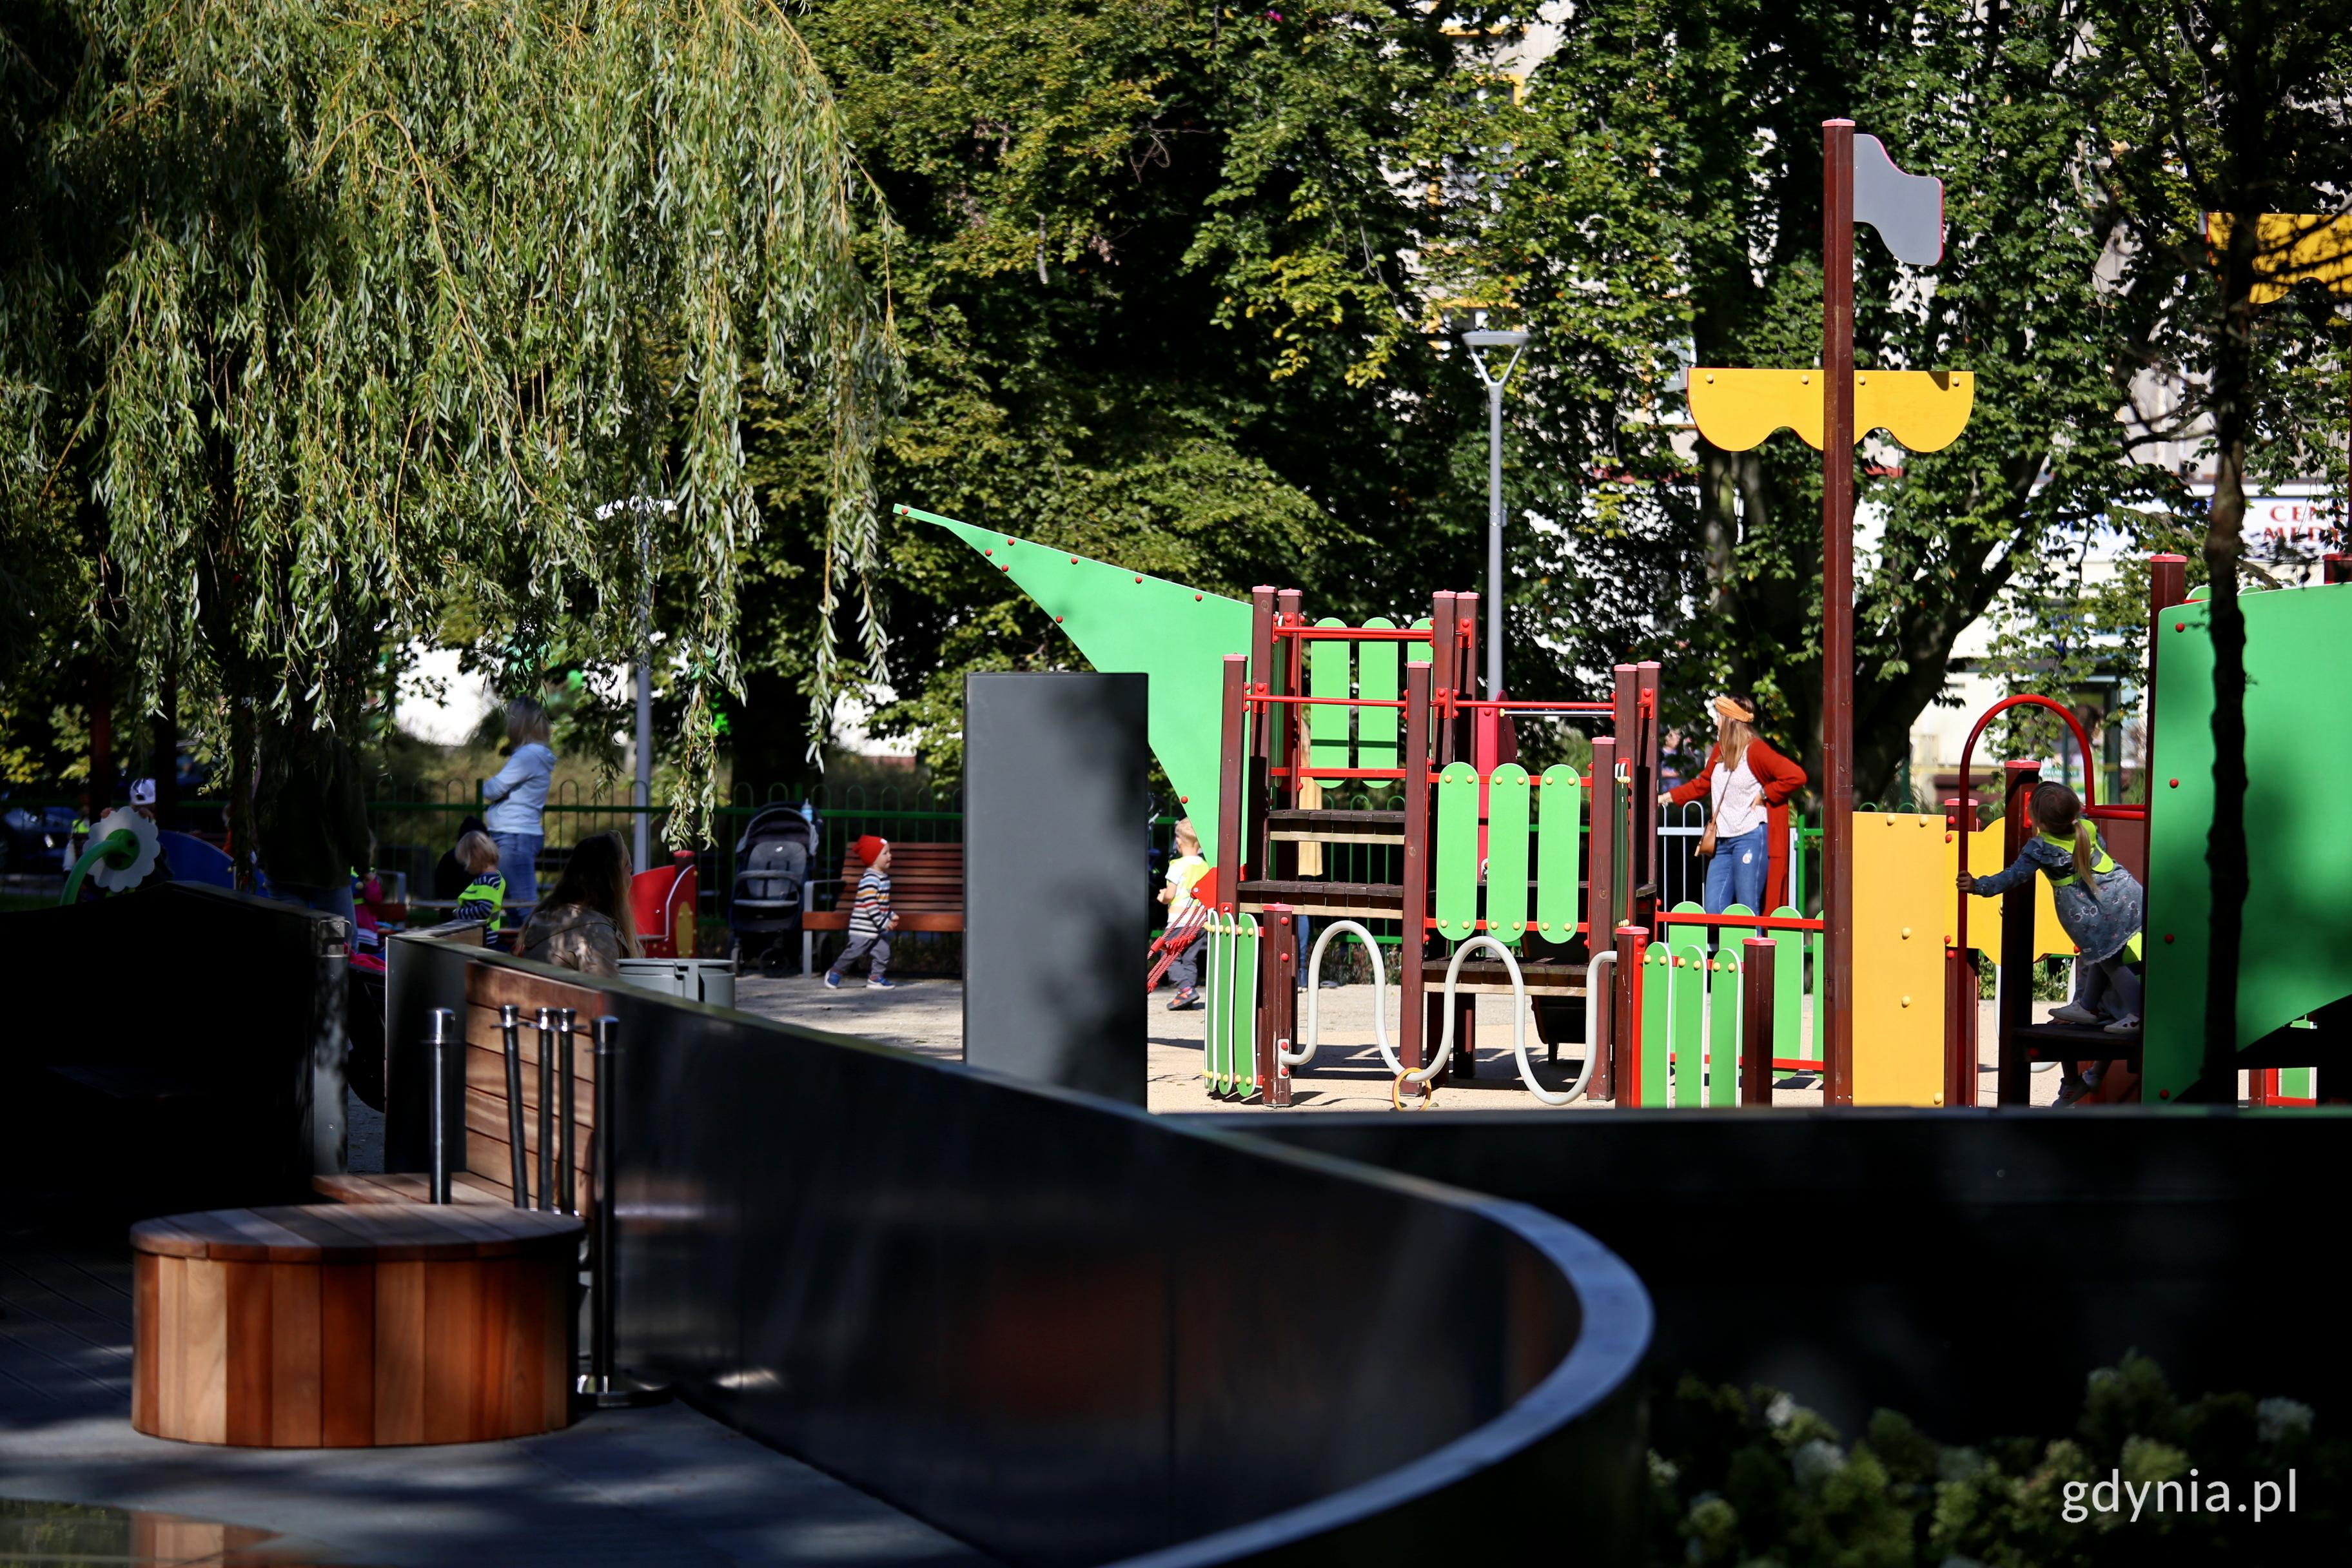 Plac zabaw wybudowany w ramach drugiego etapu Parku Centralnego, fot. Przemysław Kozłowski